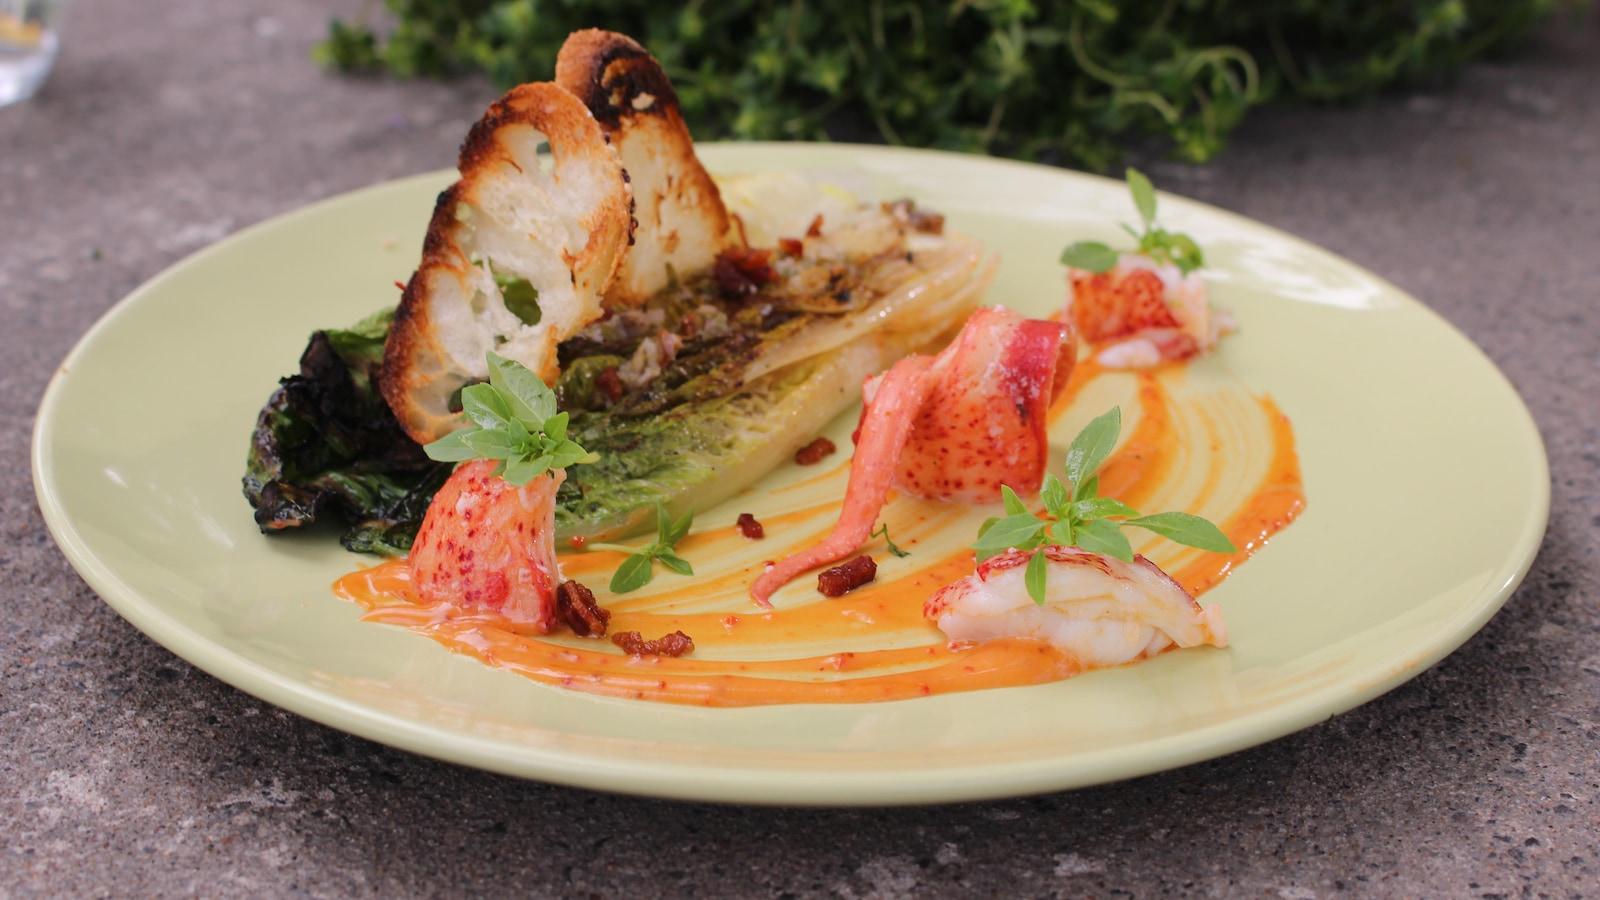 Gros plan sur le plat présenté dans une assiette.